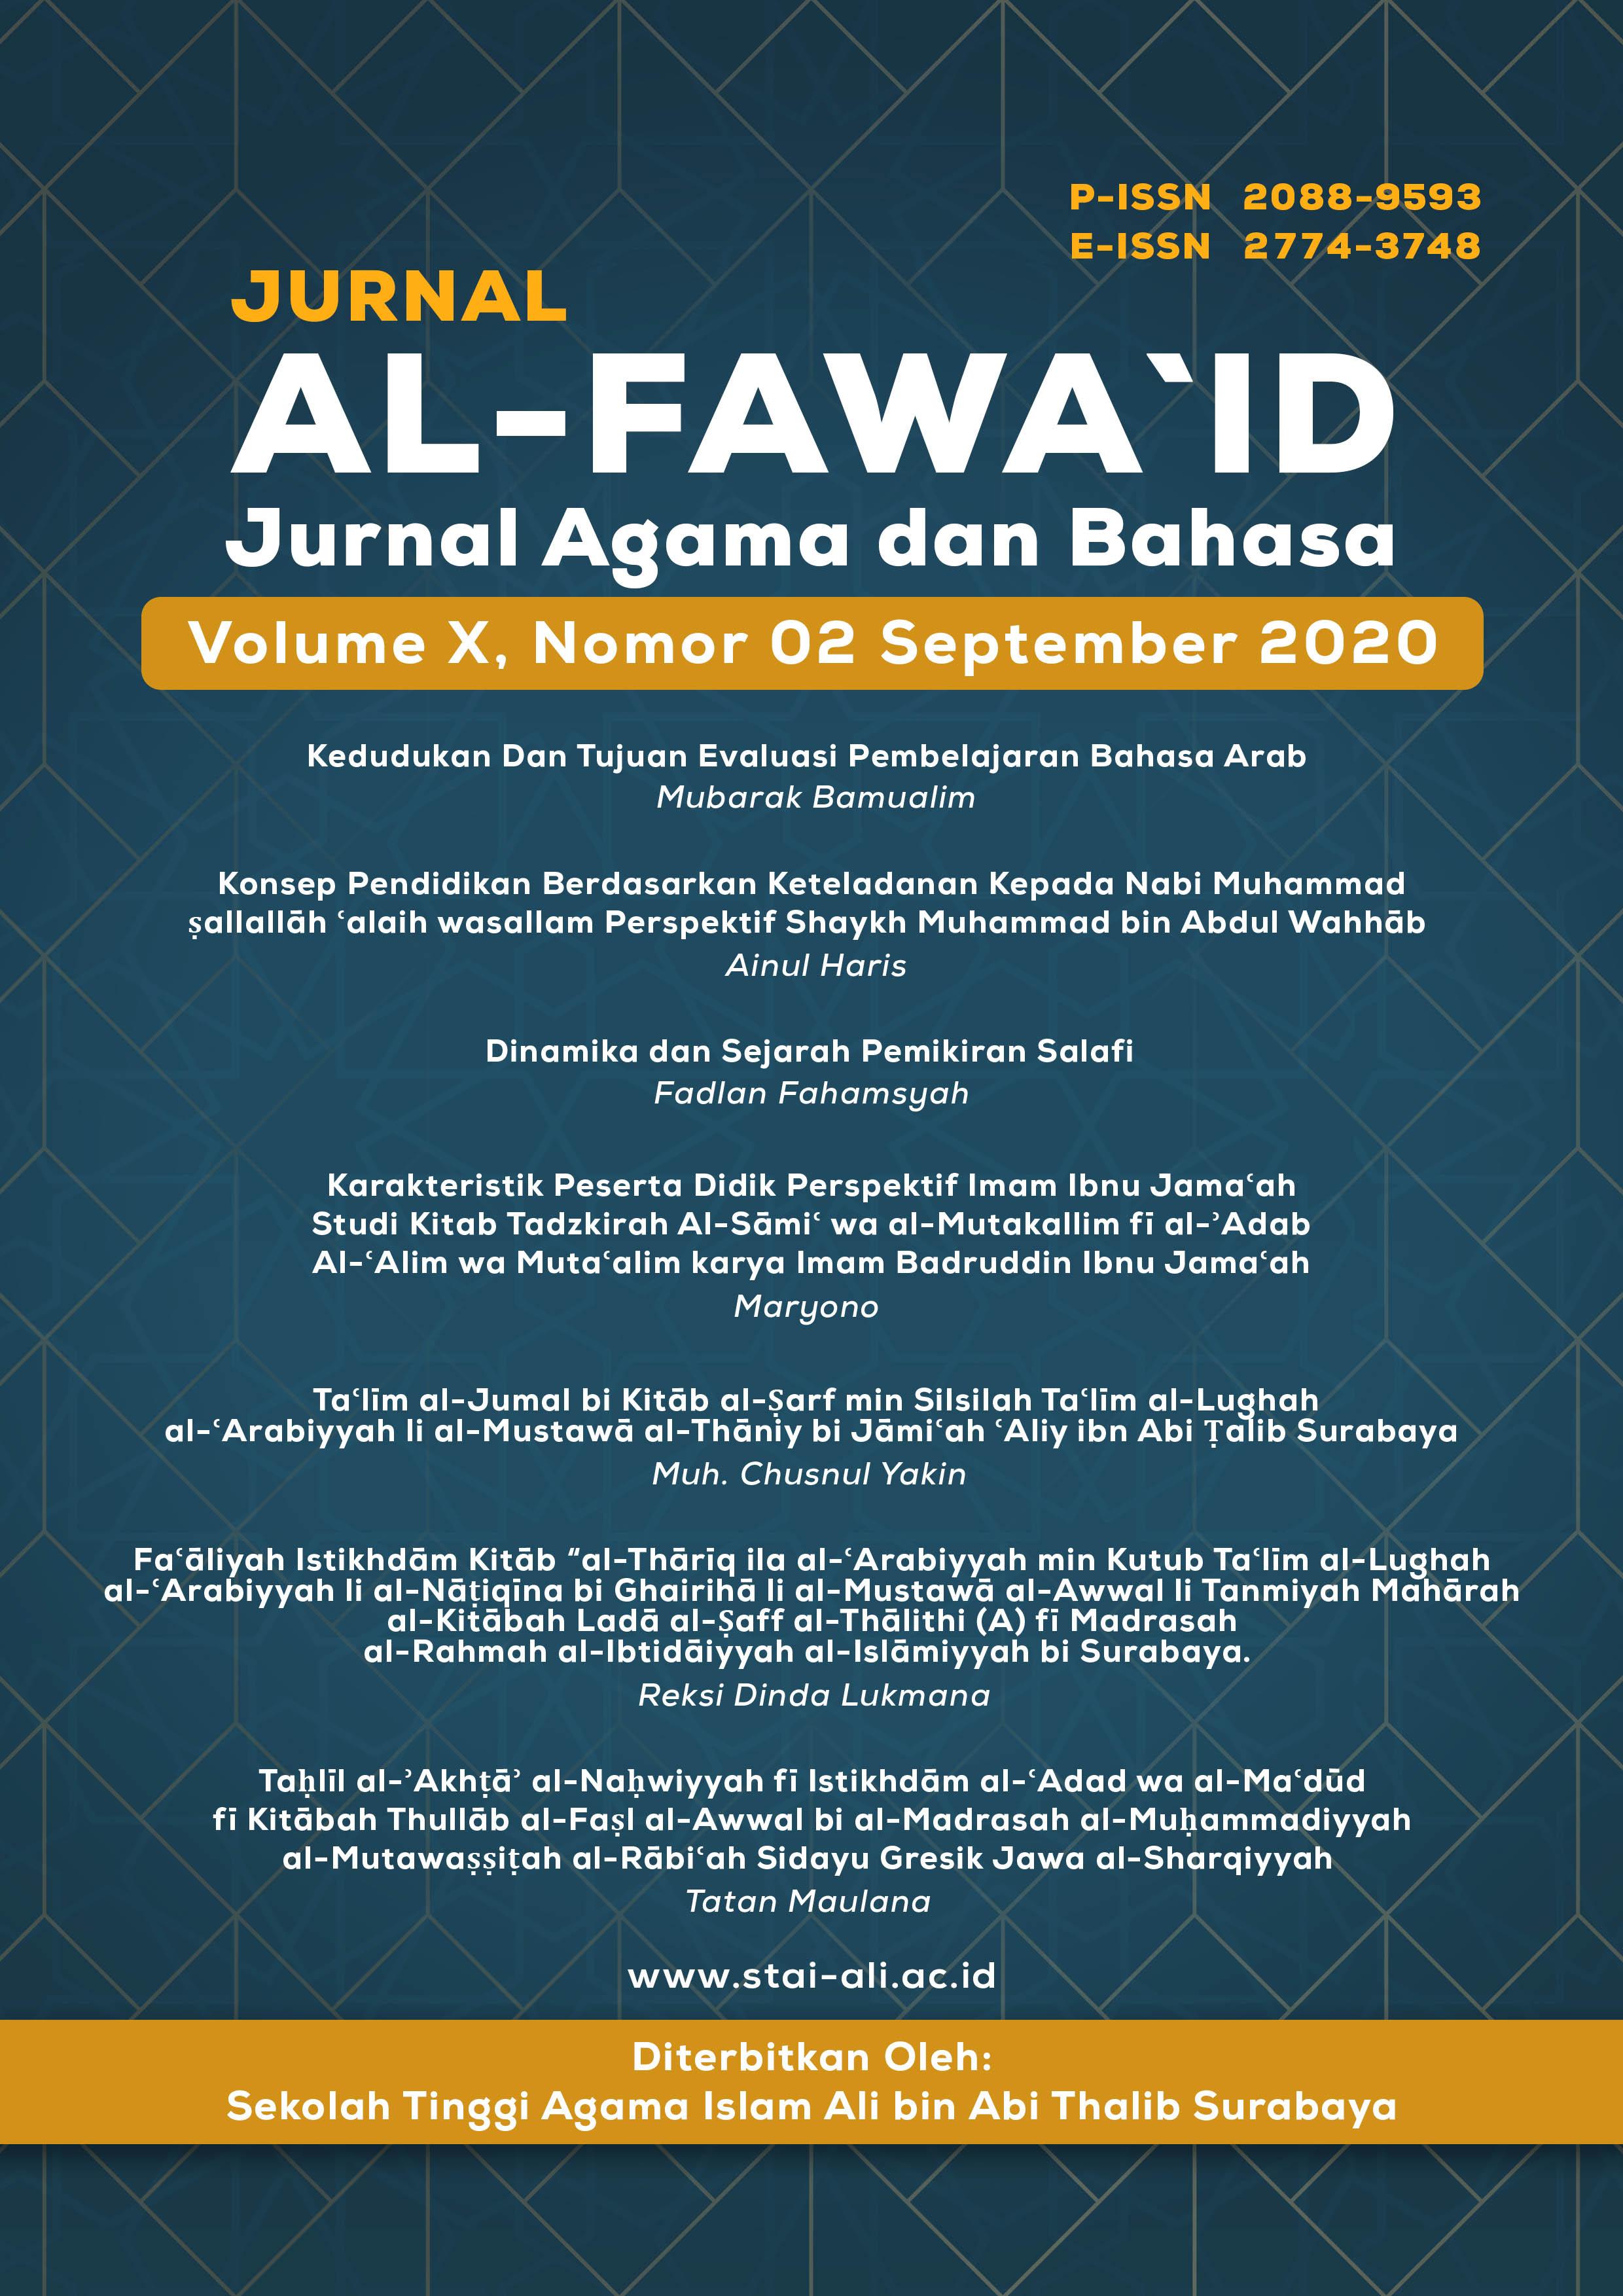 Lihat Vol 10 No 2 (2020): Jurnal Al-Fawa'id